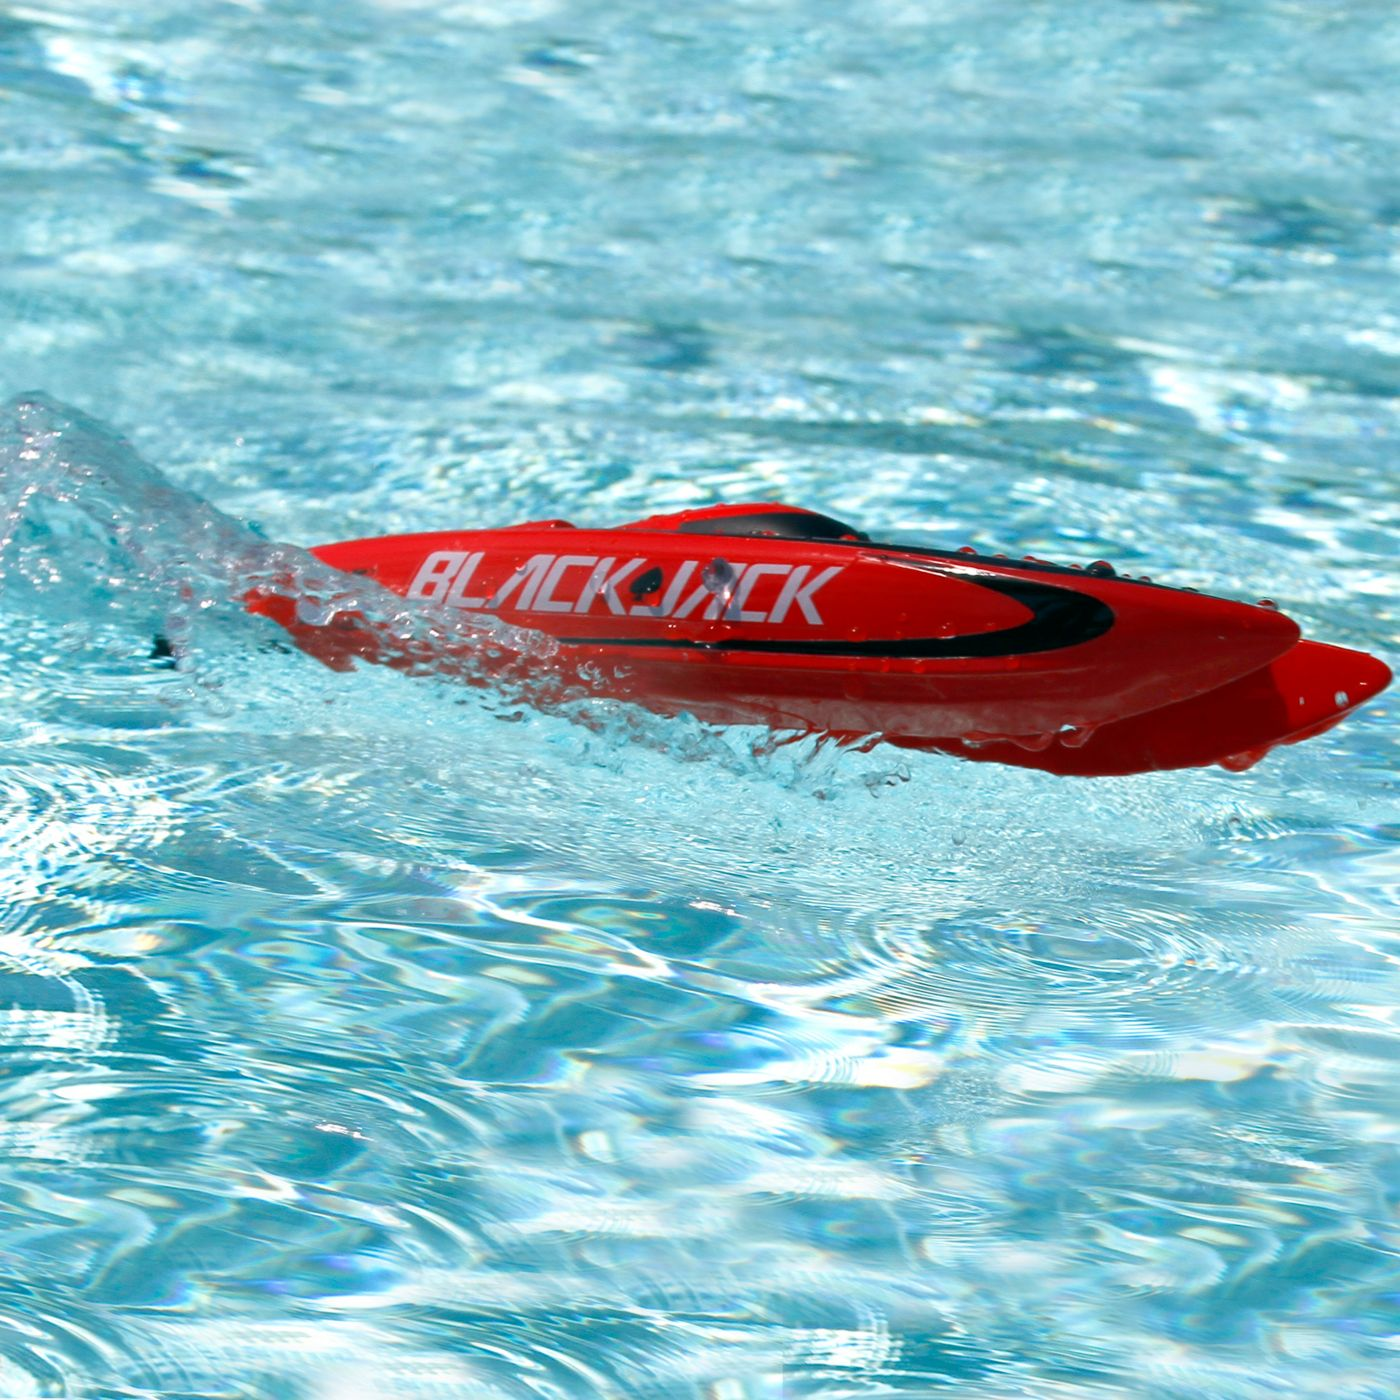 Impulse 9 Blackjack 9 PRB3495 Pro Boat Steering Servo:Westward 18